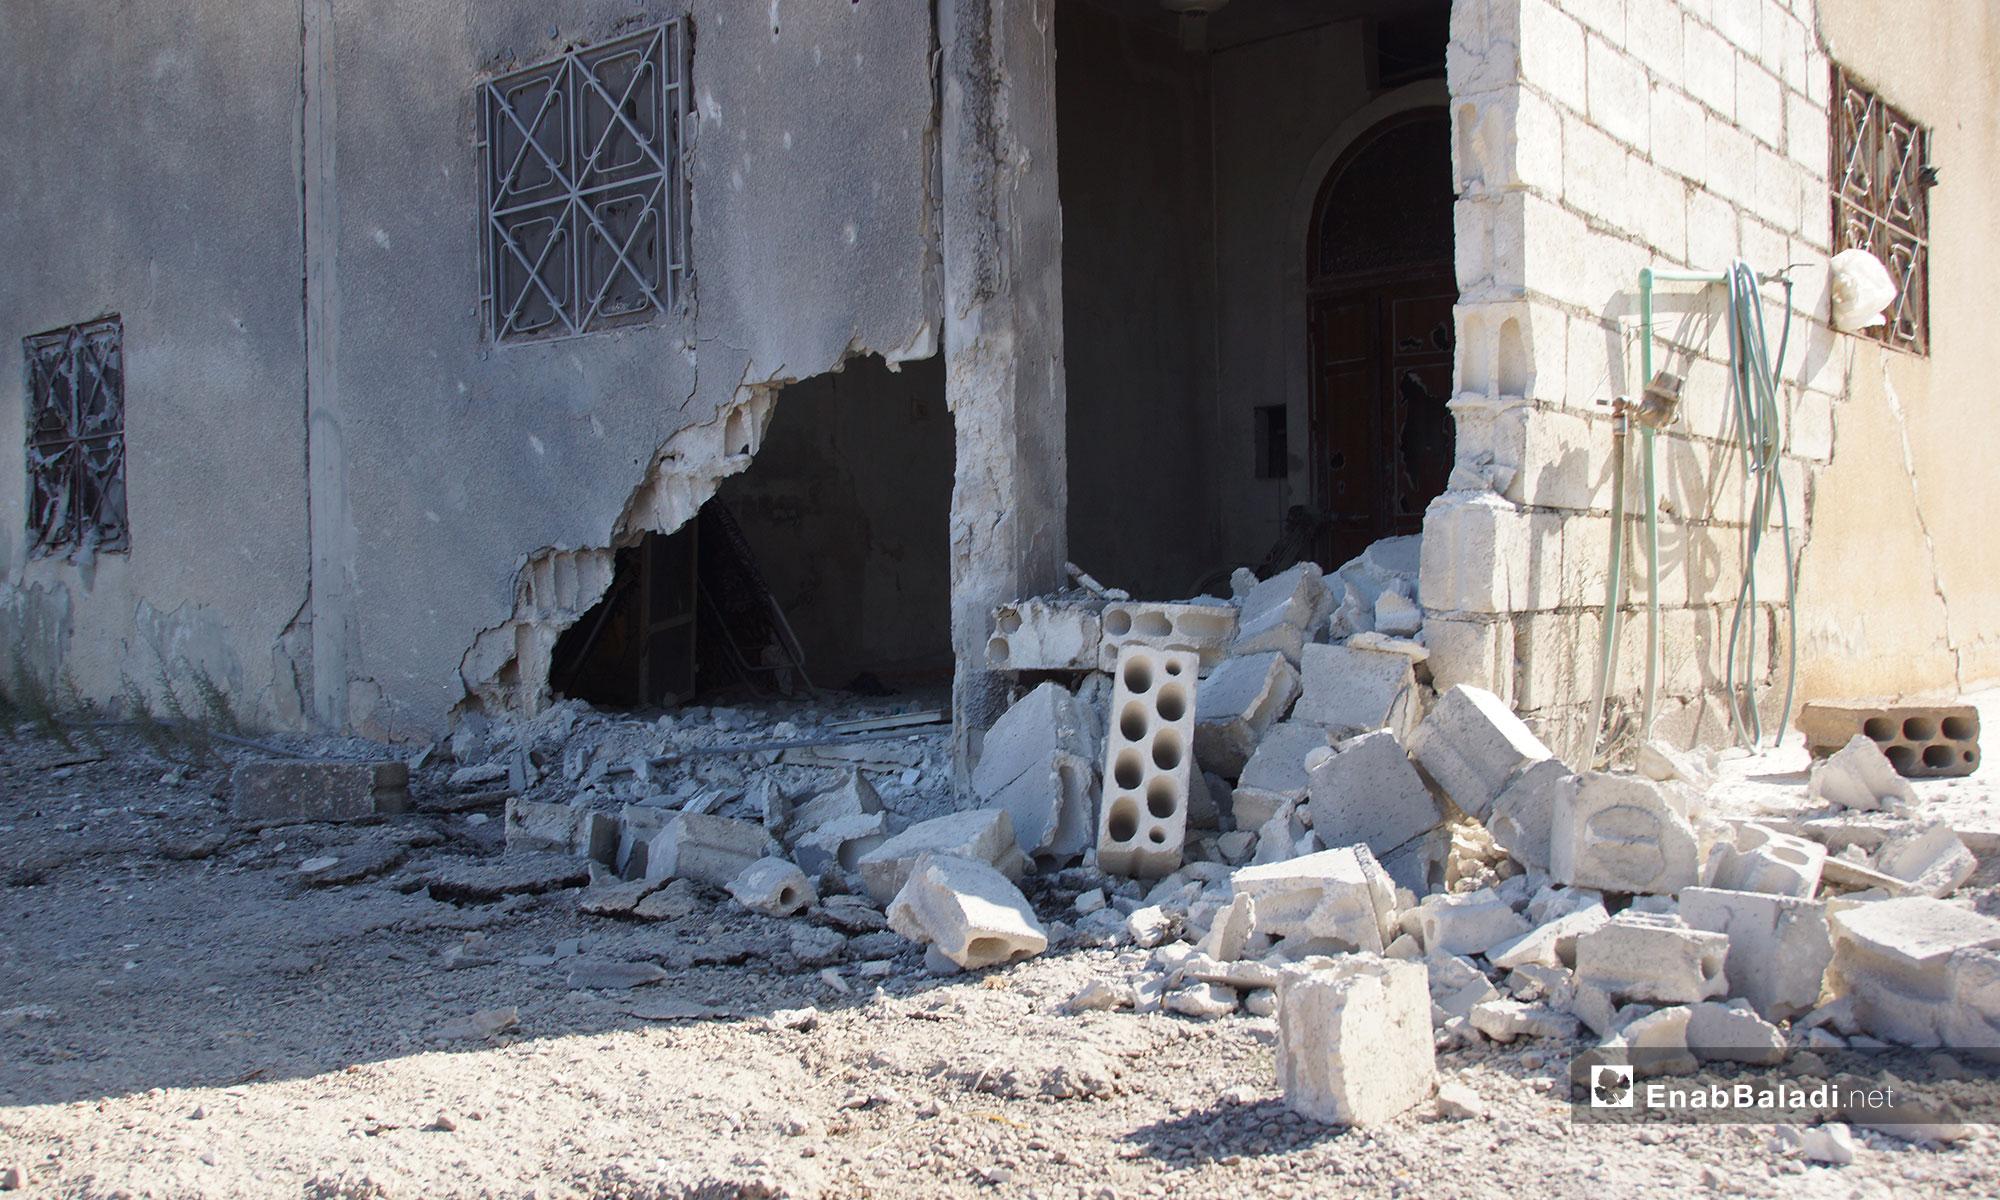 آثار الدمار في قلعة المضيق بعد تعرض المدينة للقصف في ريف حماة - 9 من أيلول 2018 (عنب بلدي)